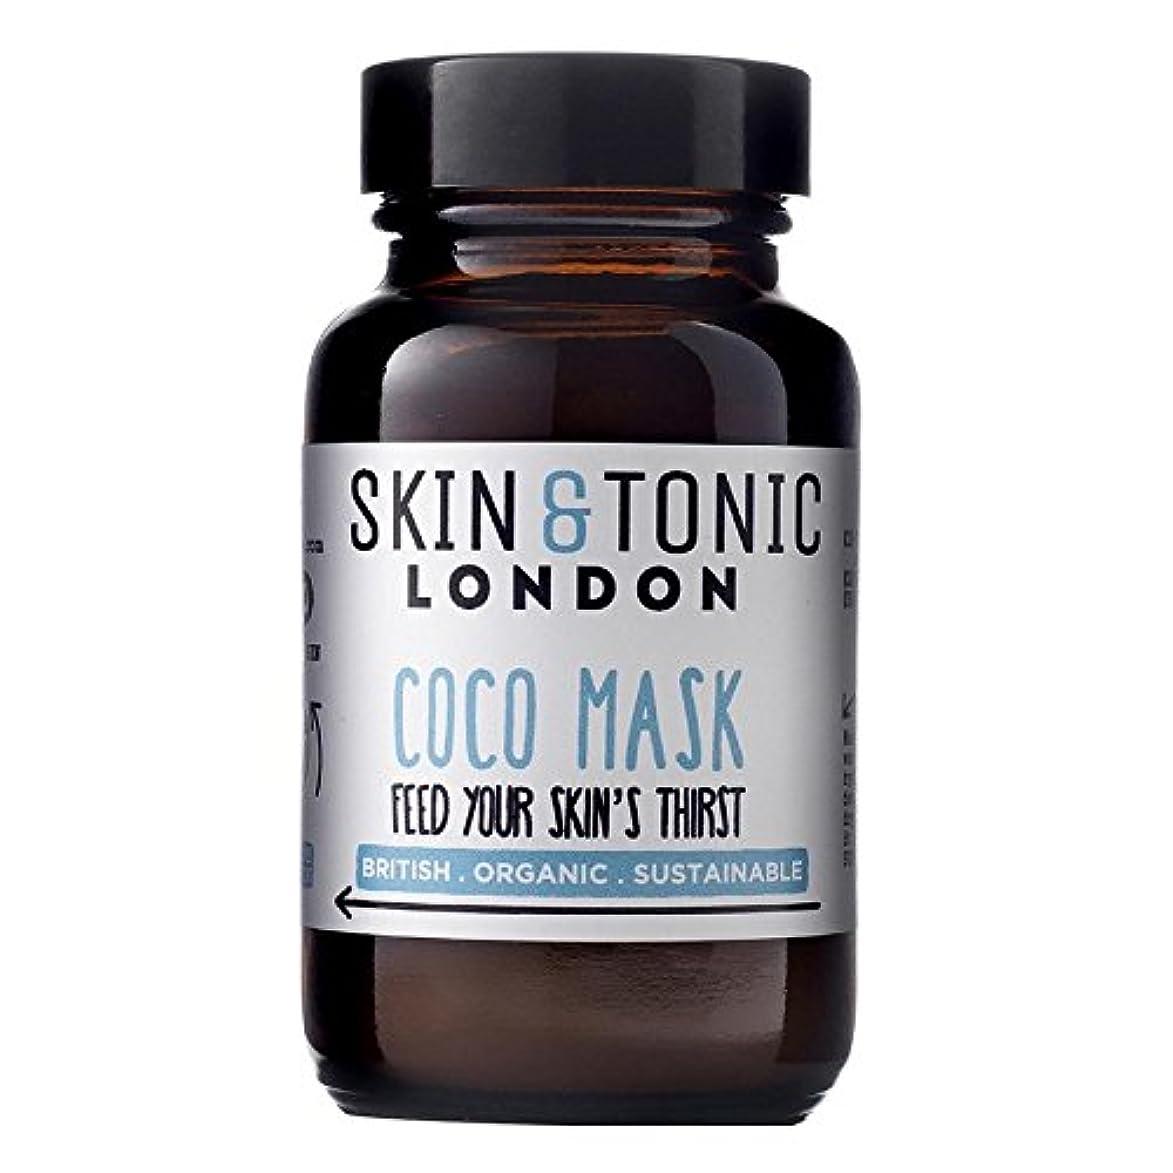 敬礼アラビア語花瓶スキン&トニックロンドンココマスク50グラム x2 - Skin & Tonic London Coco Mask 50g (Pack of 2) [並行輸入品]